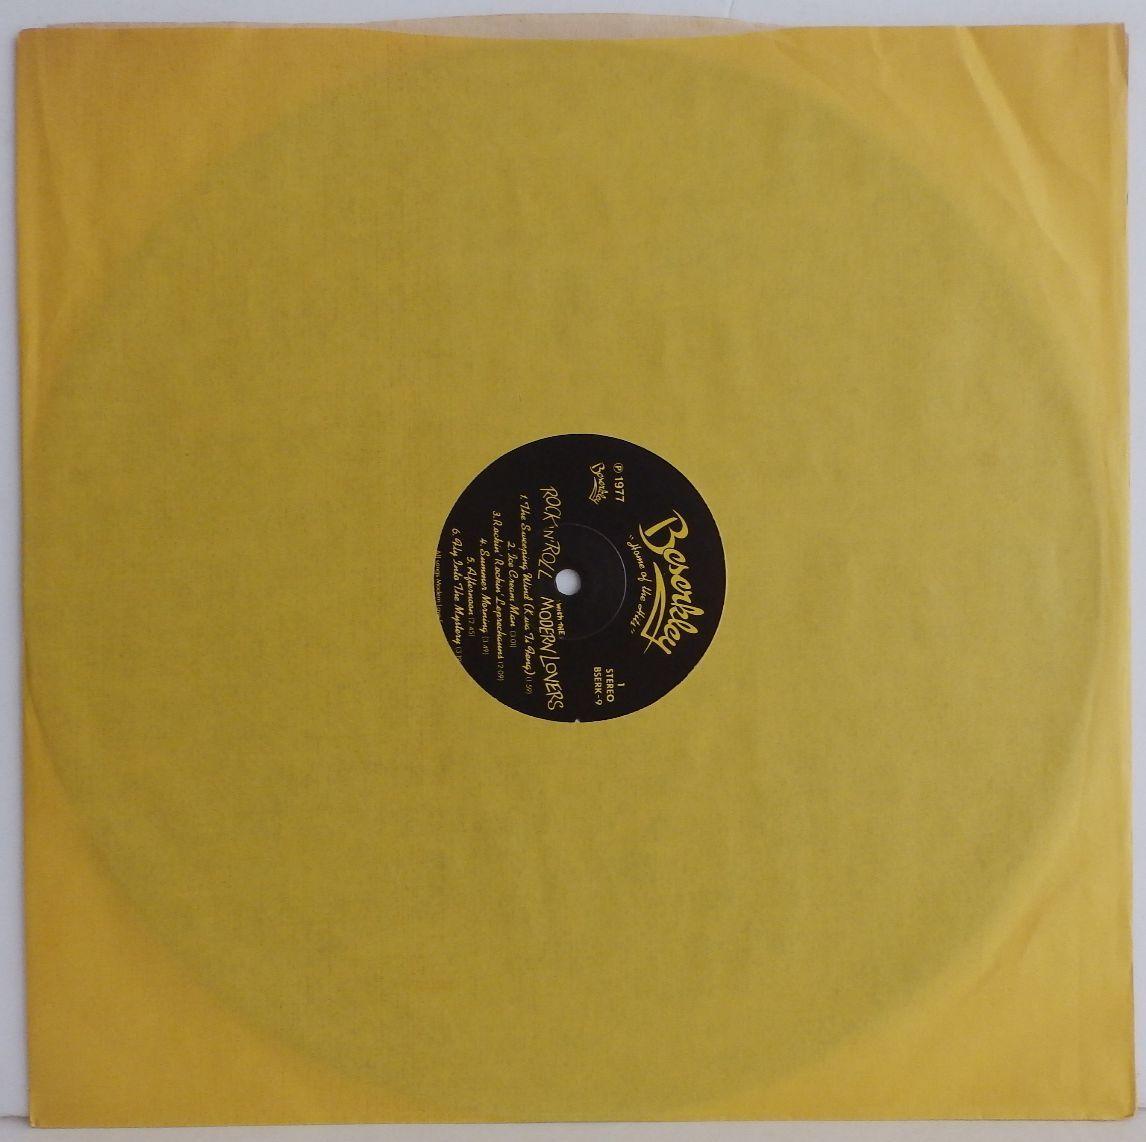 23009330;【廃盤】美再生 BESERKLEY 完全 オリジナル US盤 JONATHAN RICHMAN THE MODERN LOVERS Rock N roll ジョナサン リッチマン_画像3